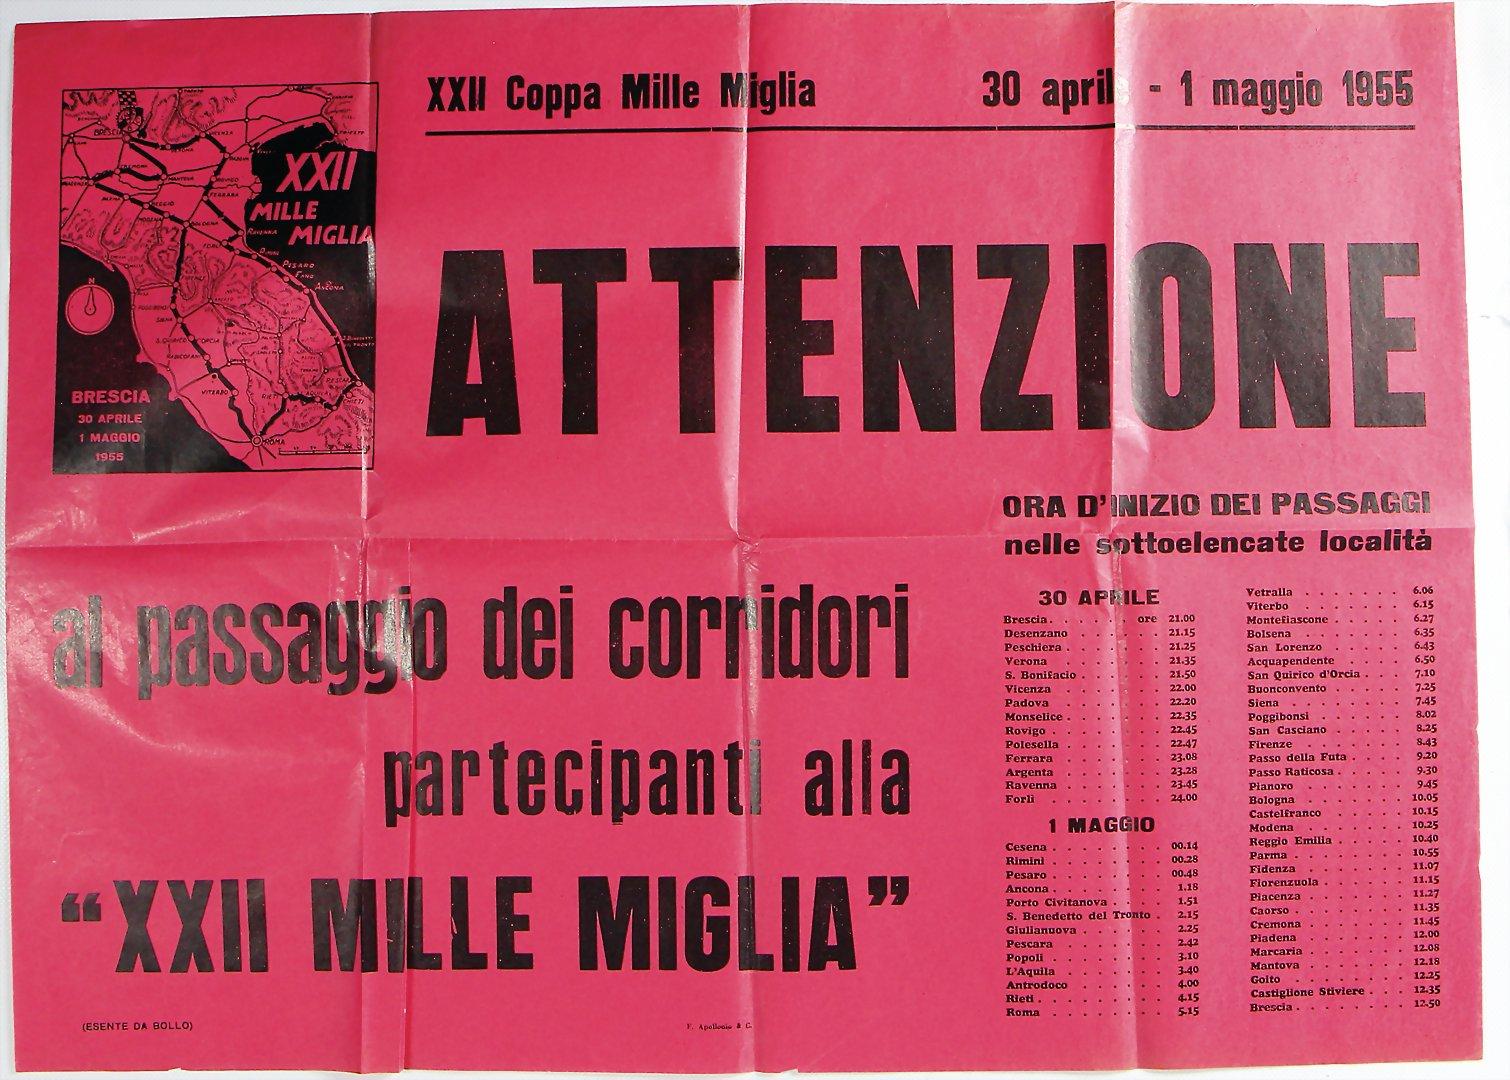 1955 MILLE MIGLIA Poster 'Attenzione al passagio dei corridori'